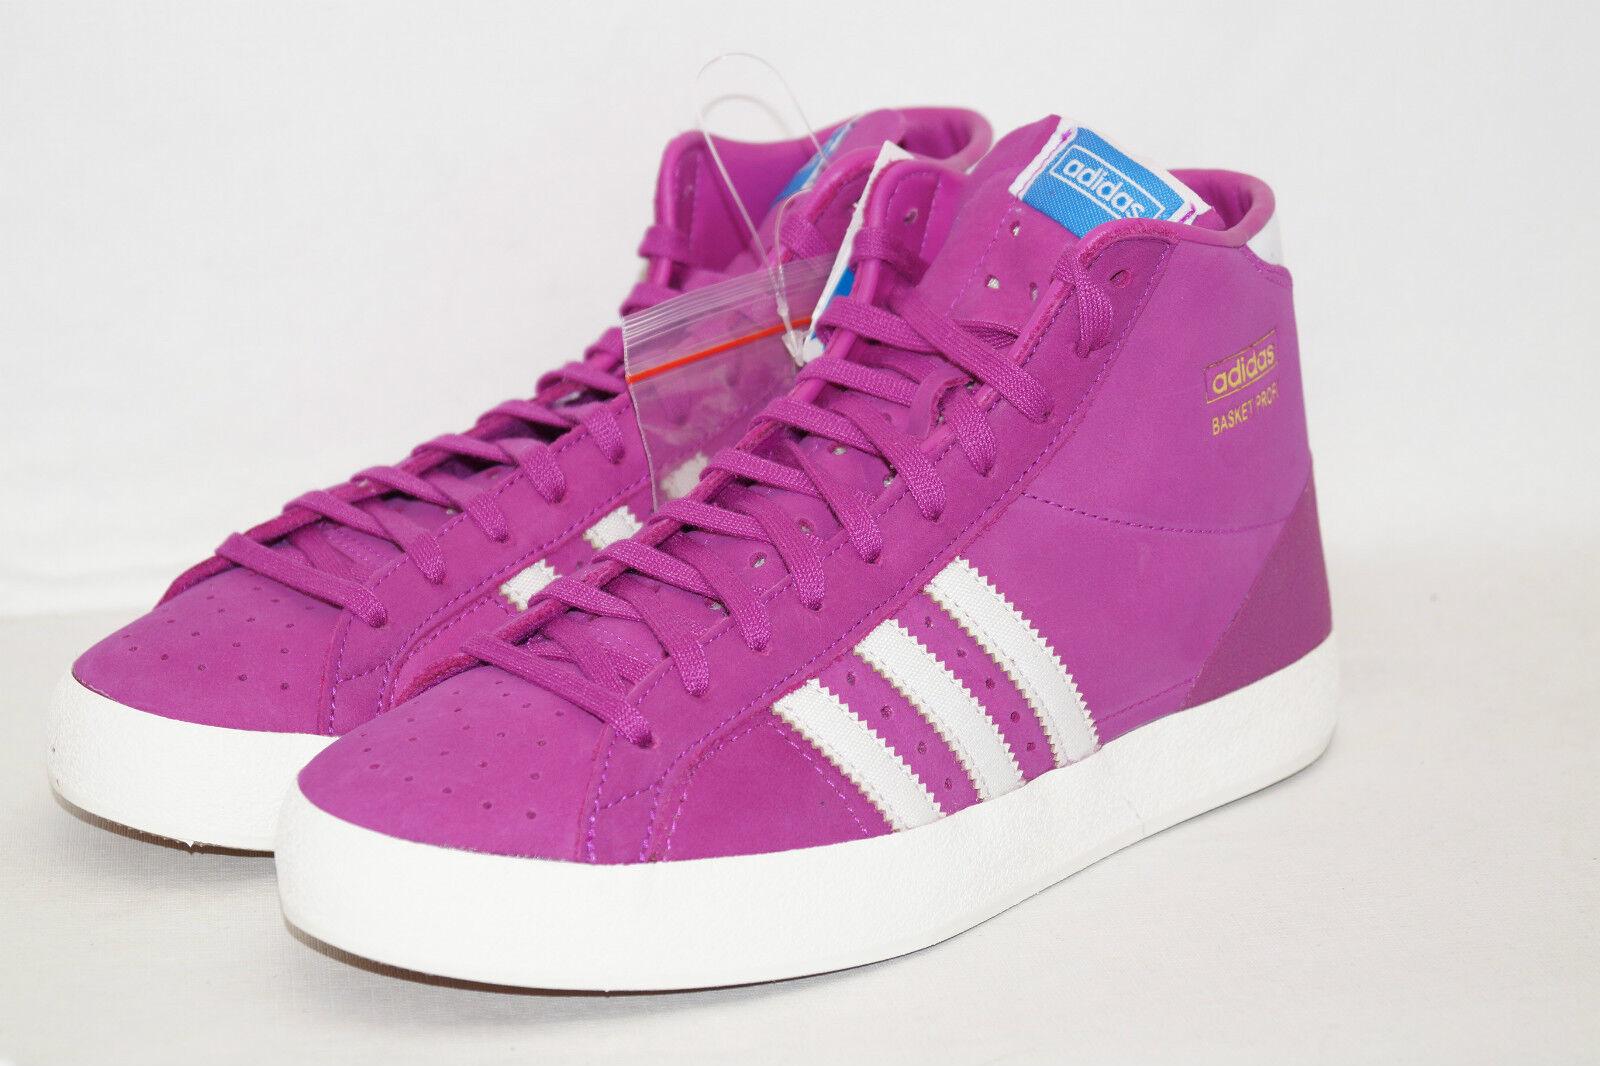 Adidas Adidas Adidas Originals Basket W señora zapatillas talla 39 1 3 uk6 rosadodo calzado deportivo  marcas en línea venta barata